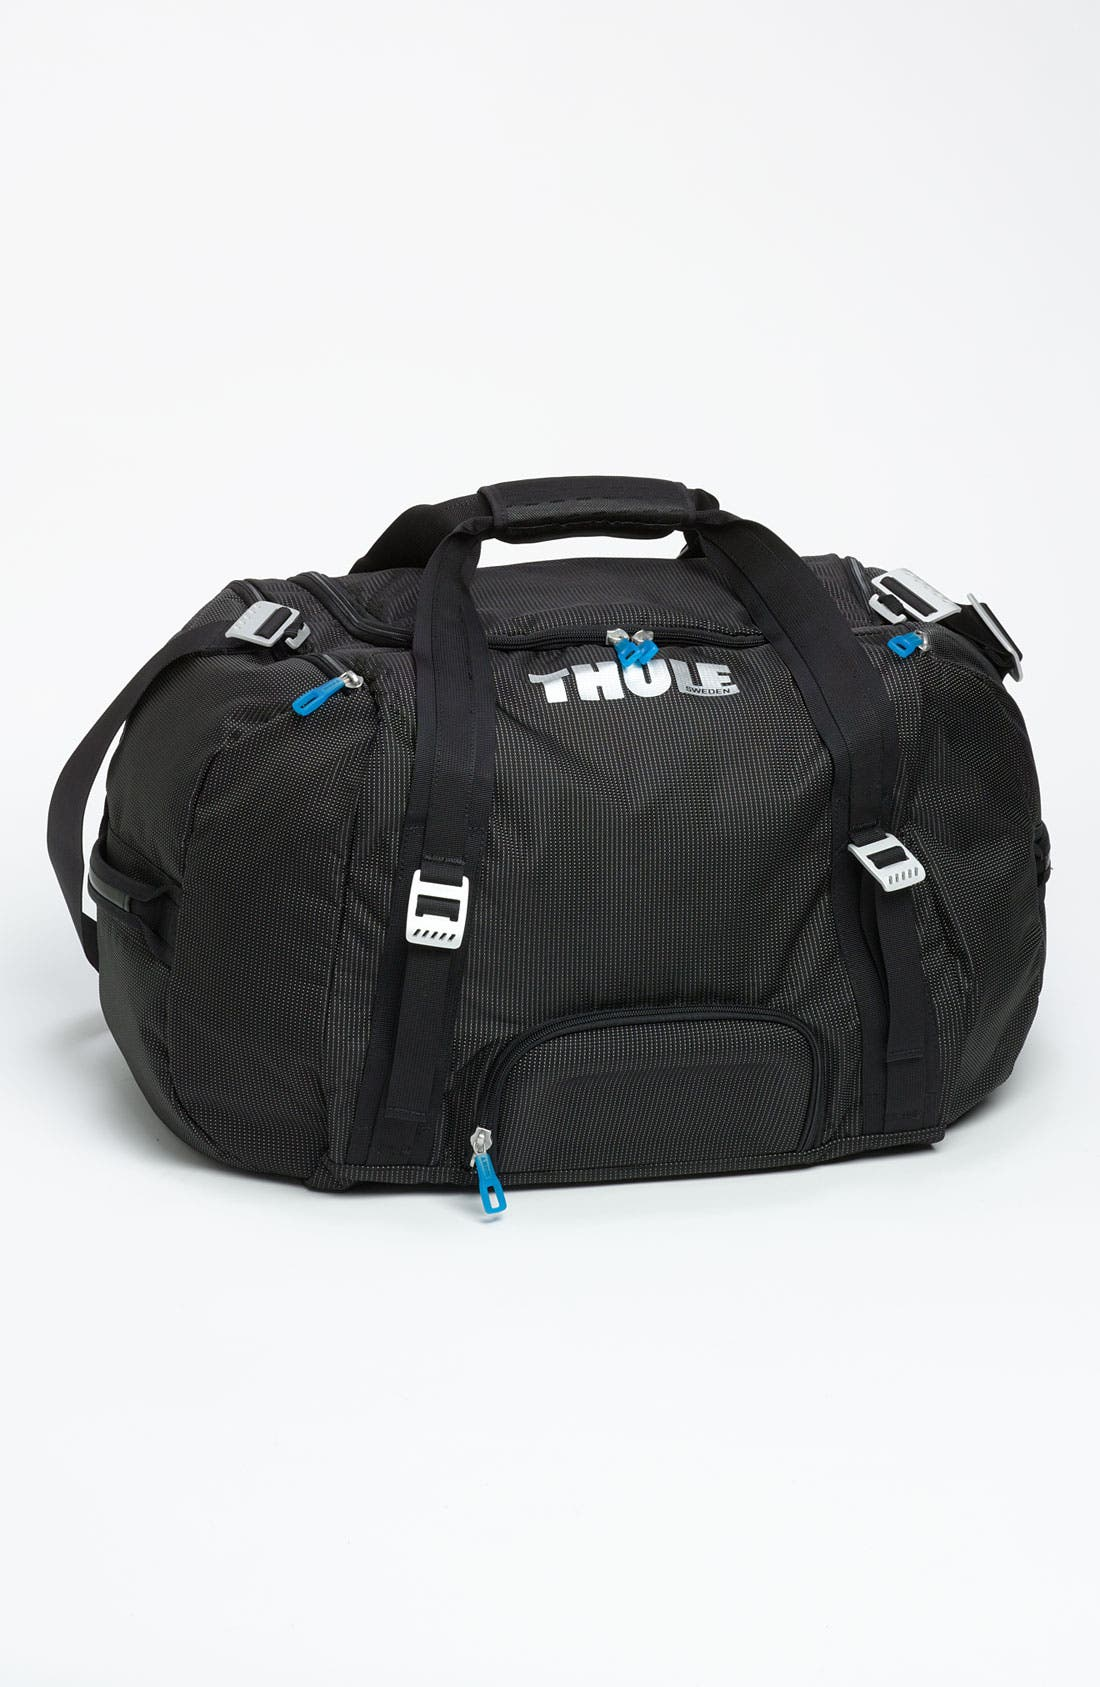 Alternate Image 1 Selected - Thule Duffel Bag (70 Liter)